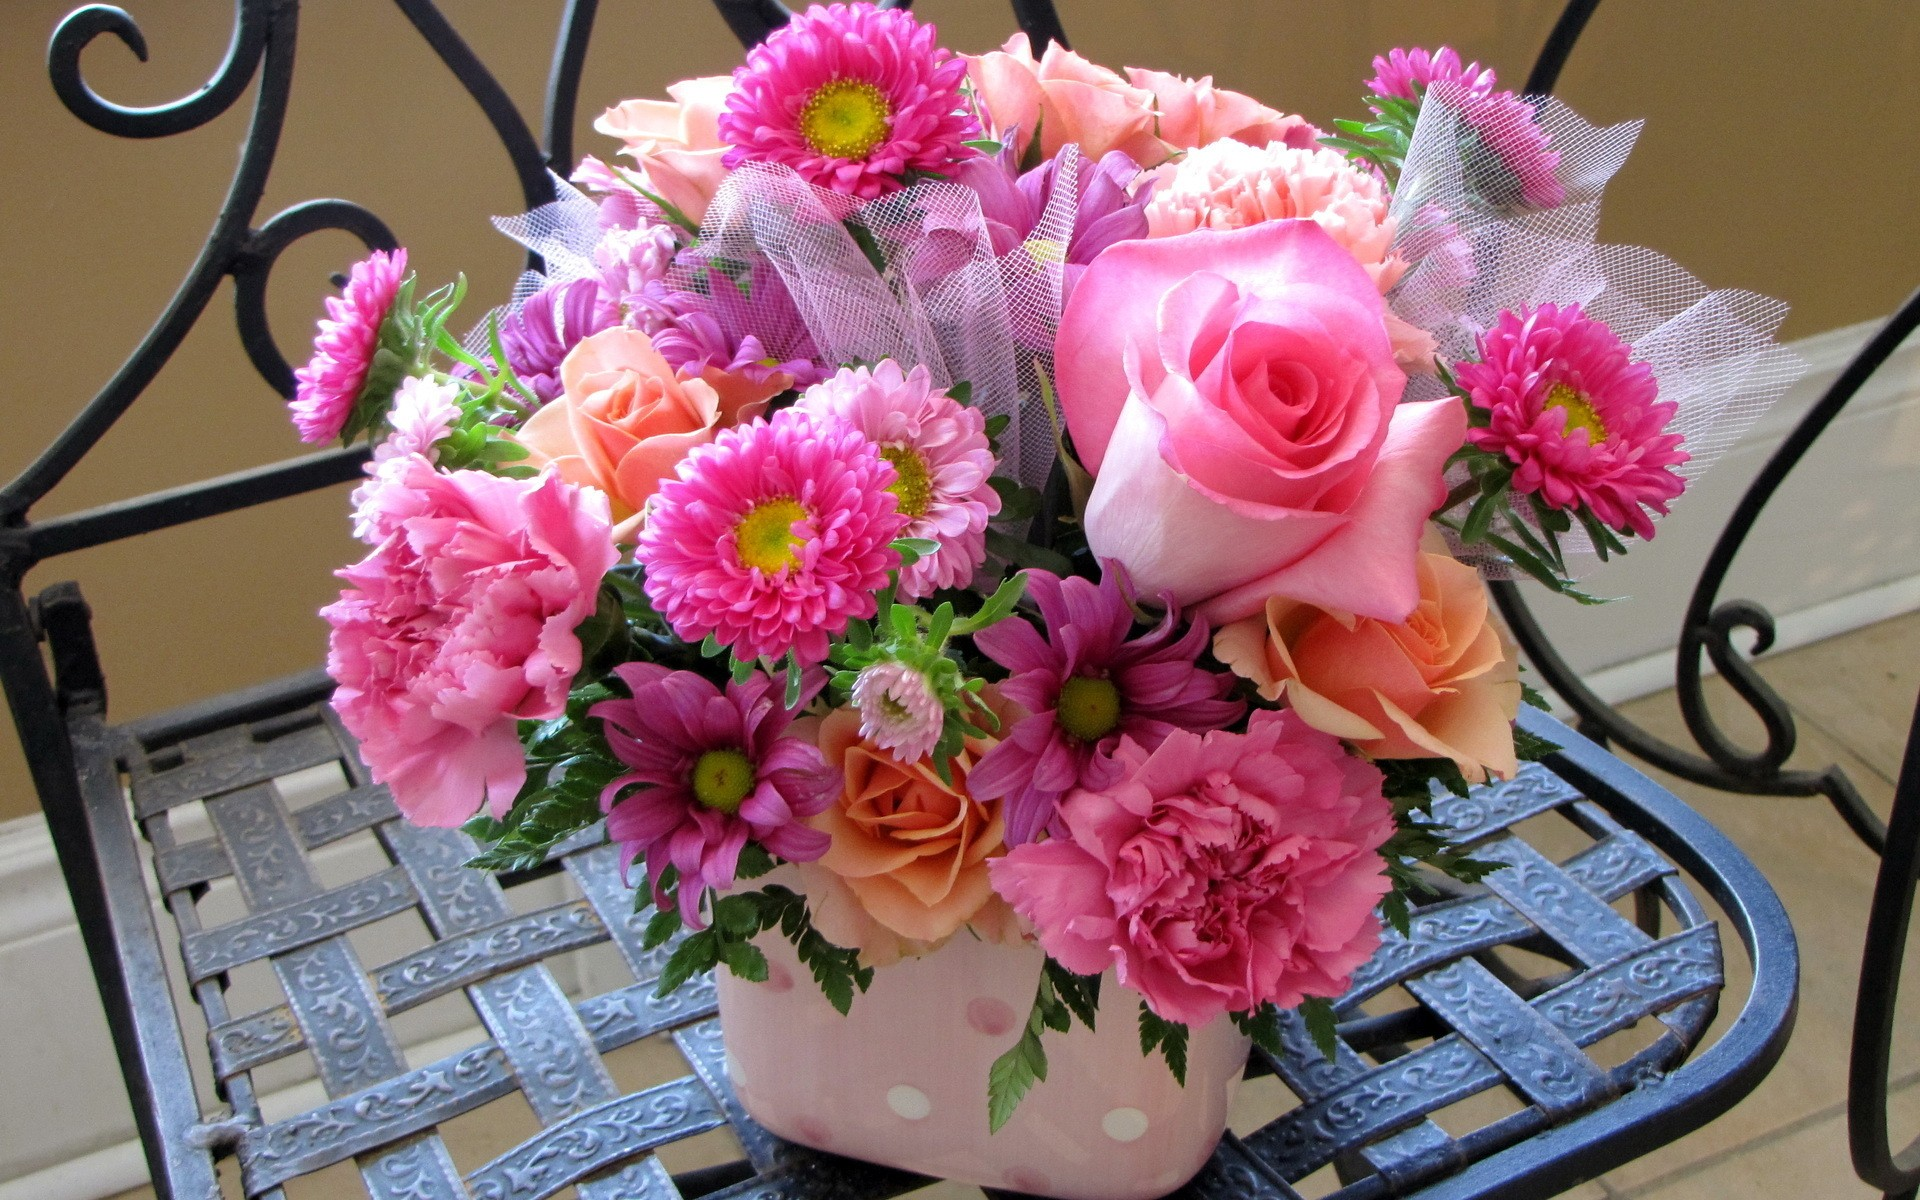 Rosas y flores hermosas - 1920x1200